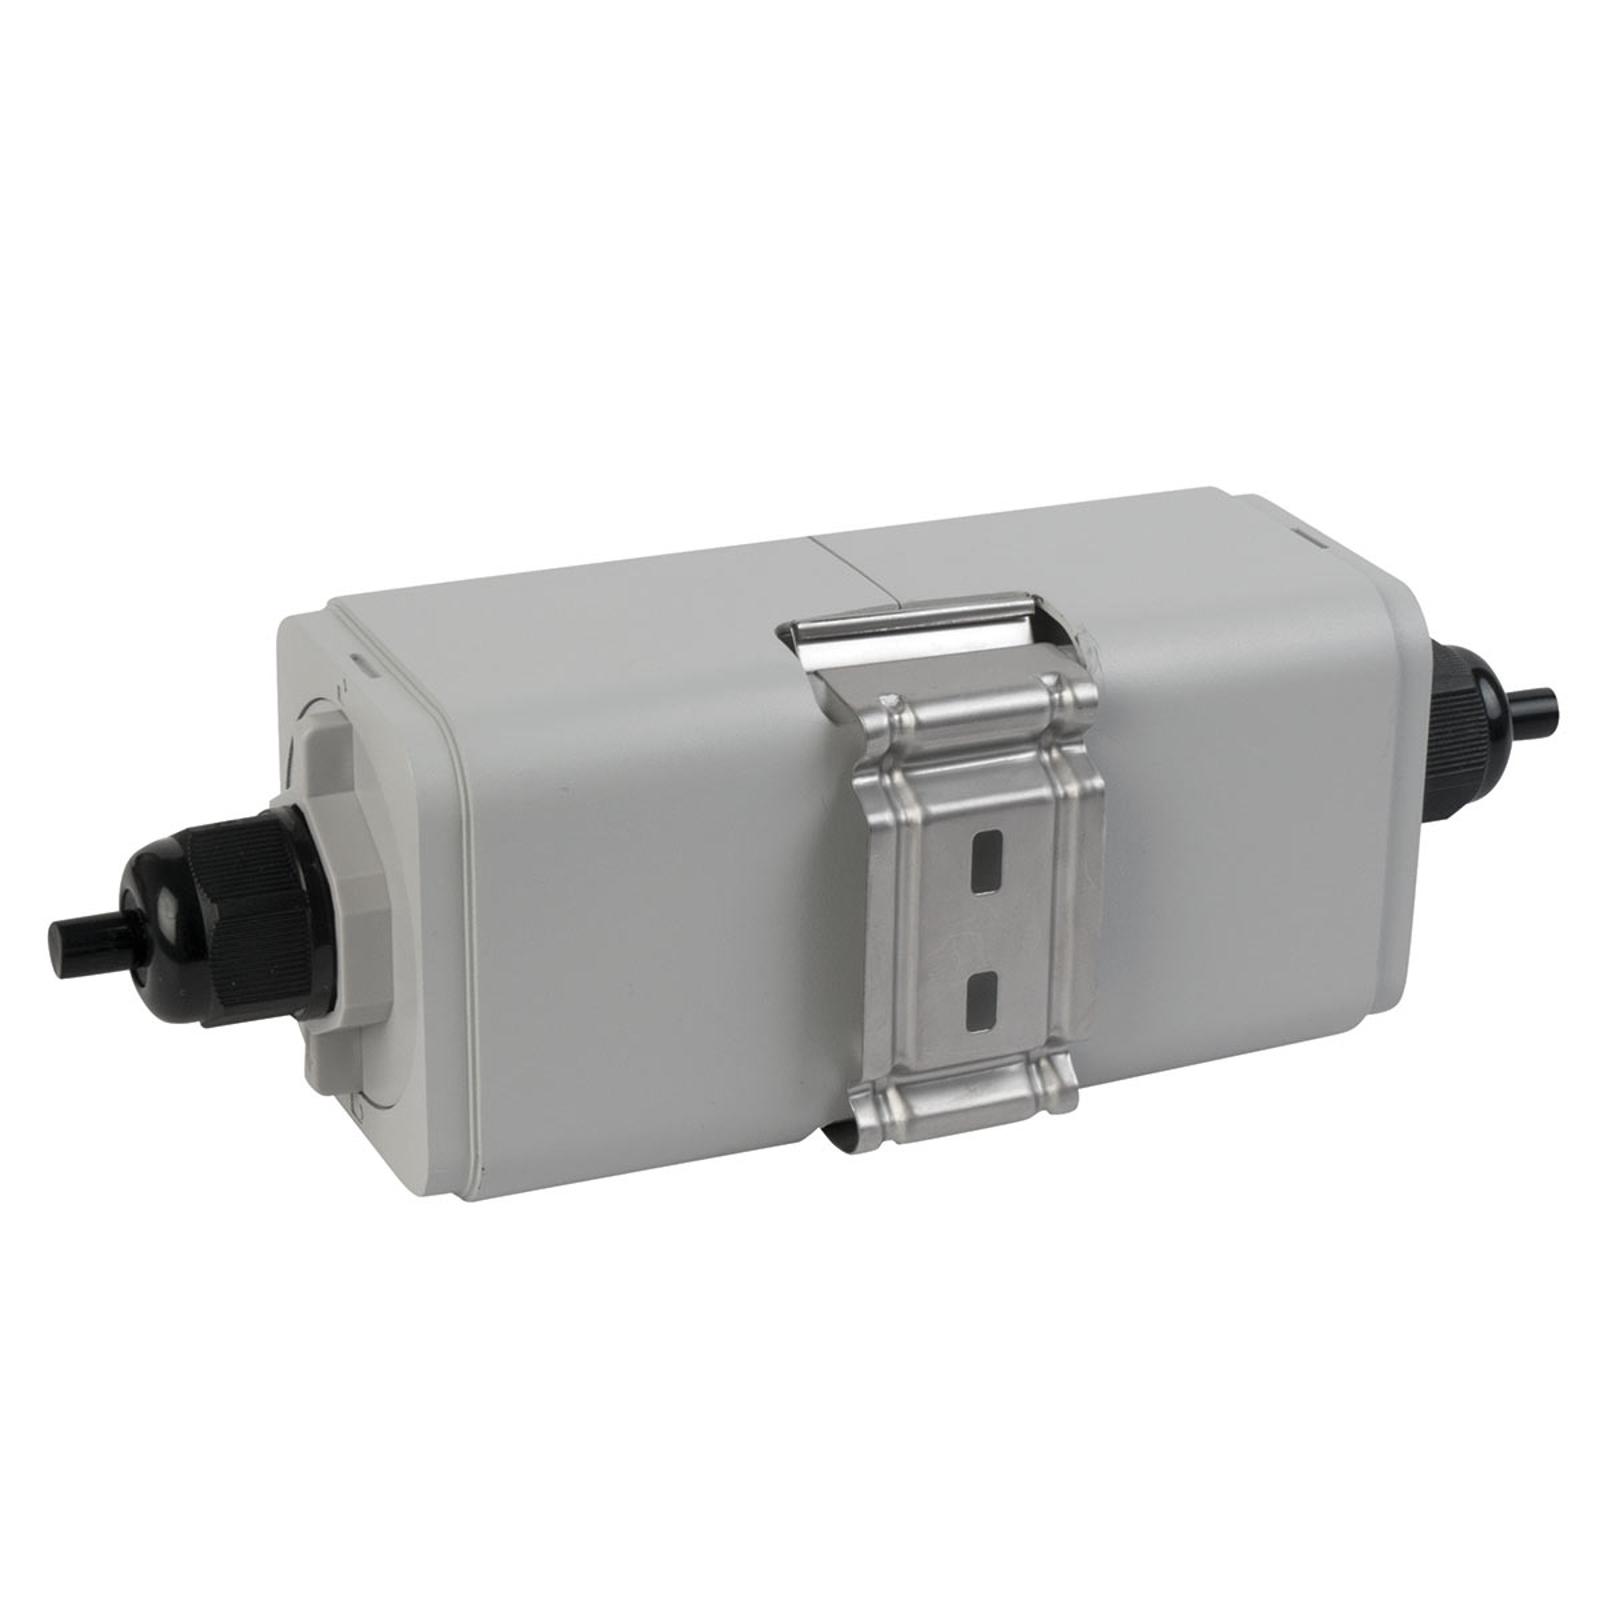 PIR-Sensor für LED-Deckenleuchte Dino 2